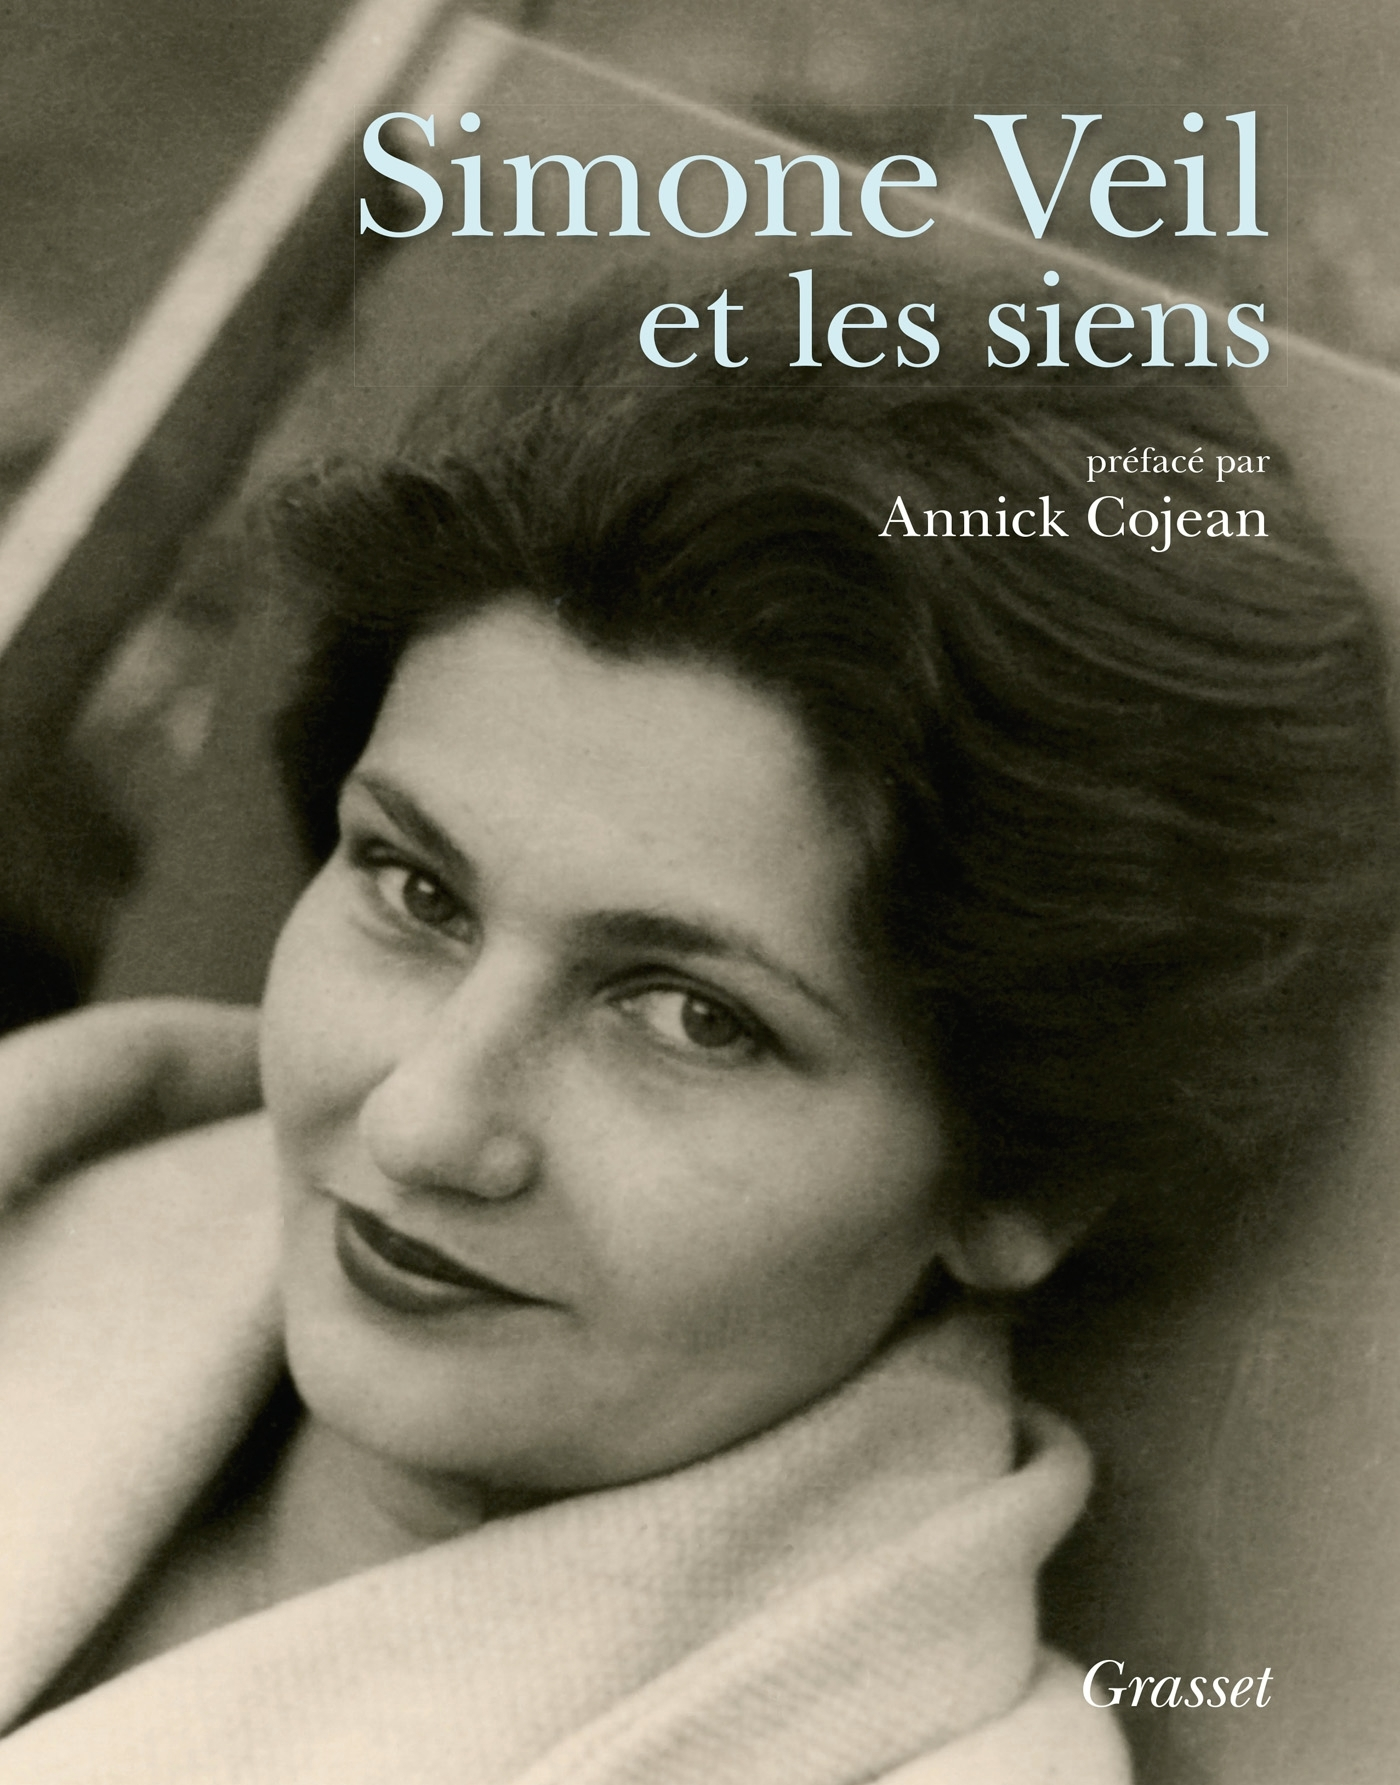 SIMONE VEIL ET LES SIENS - ALBUM- PREFACE D'ANNICK COJEAN